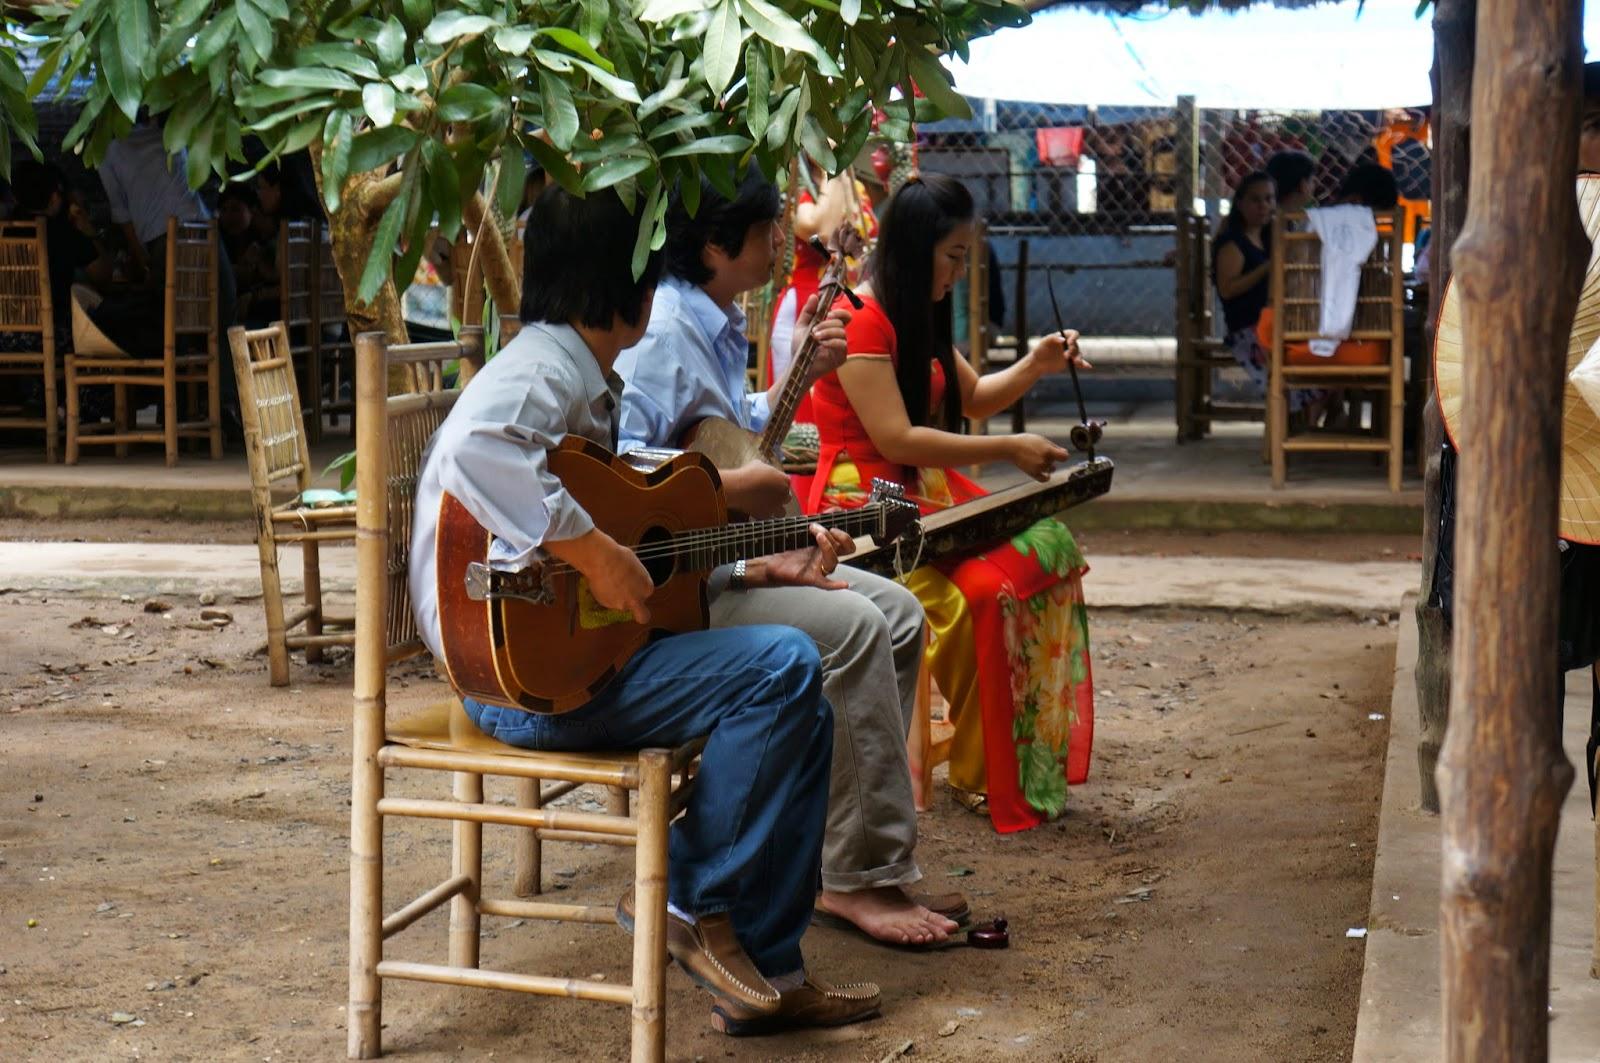 Village folk playing music